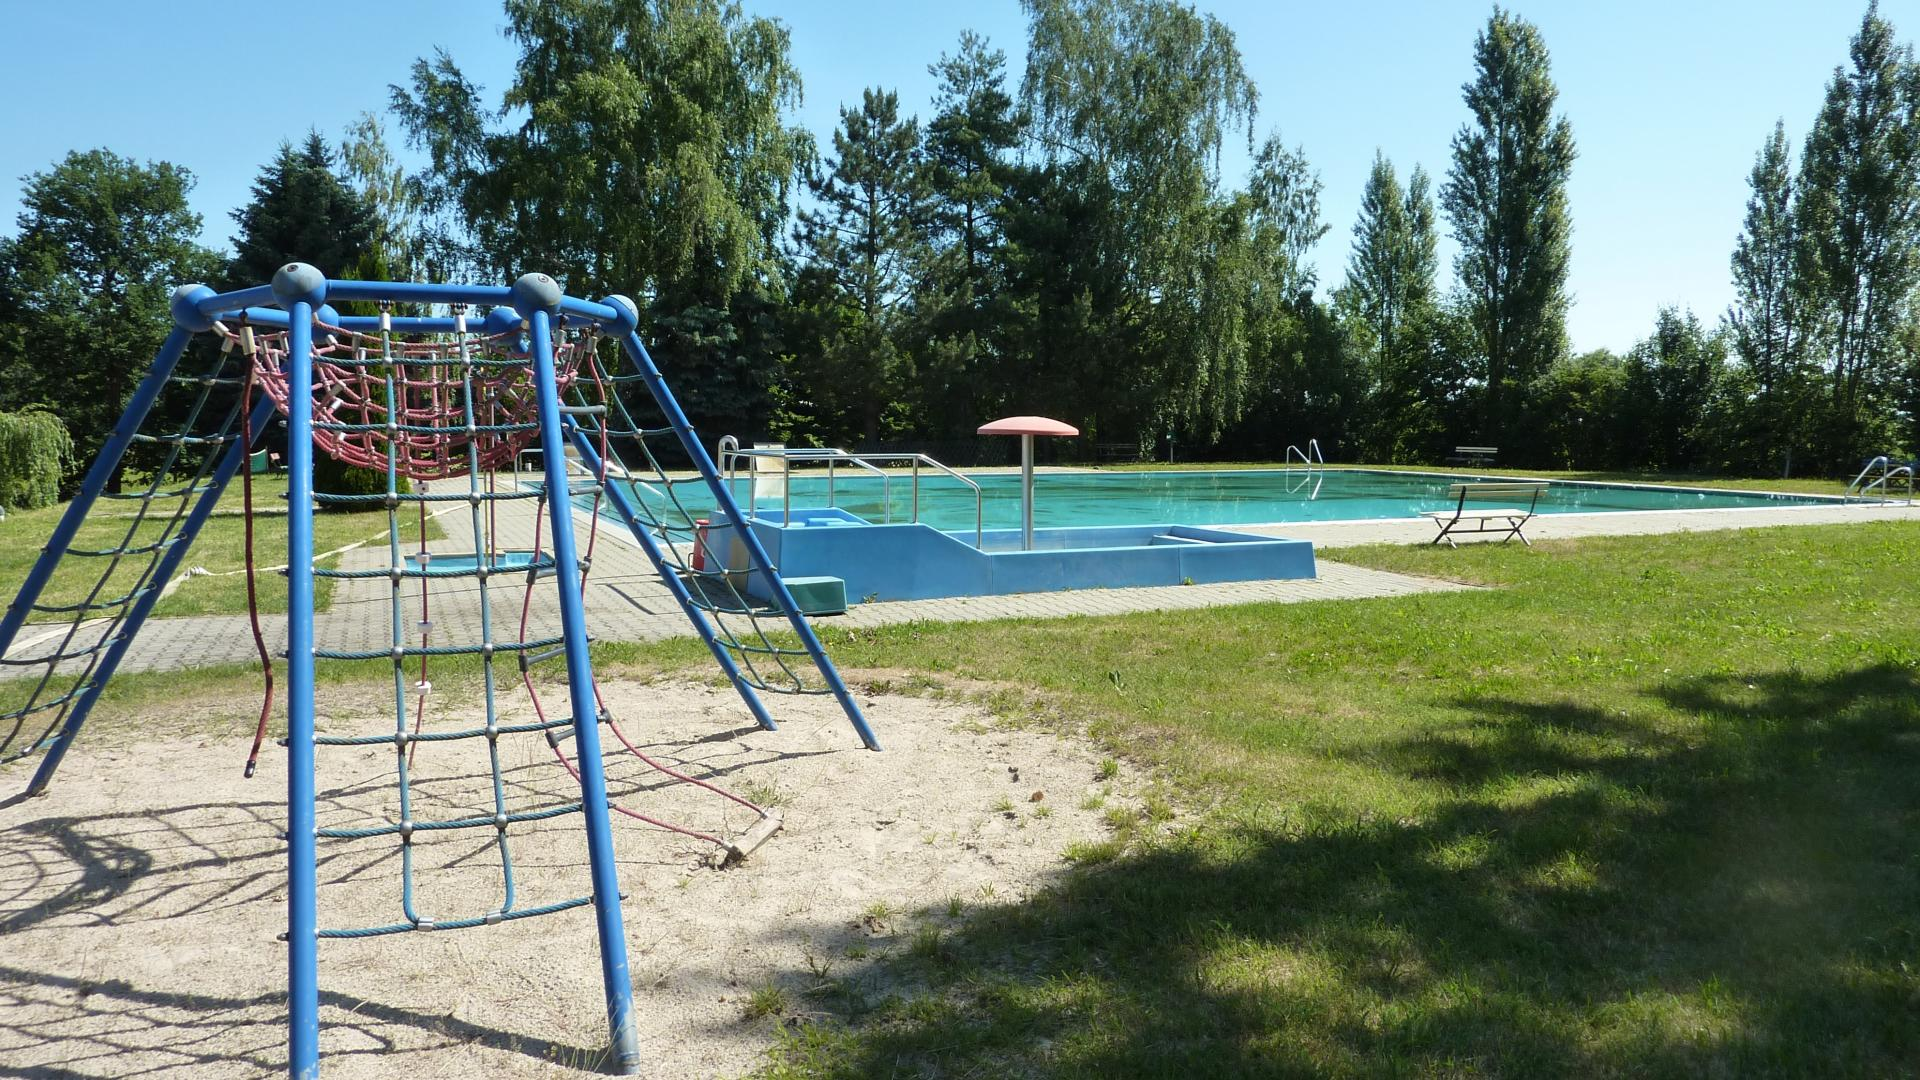 Trebitz Schwimmbad